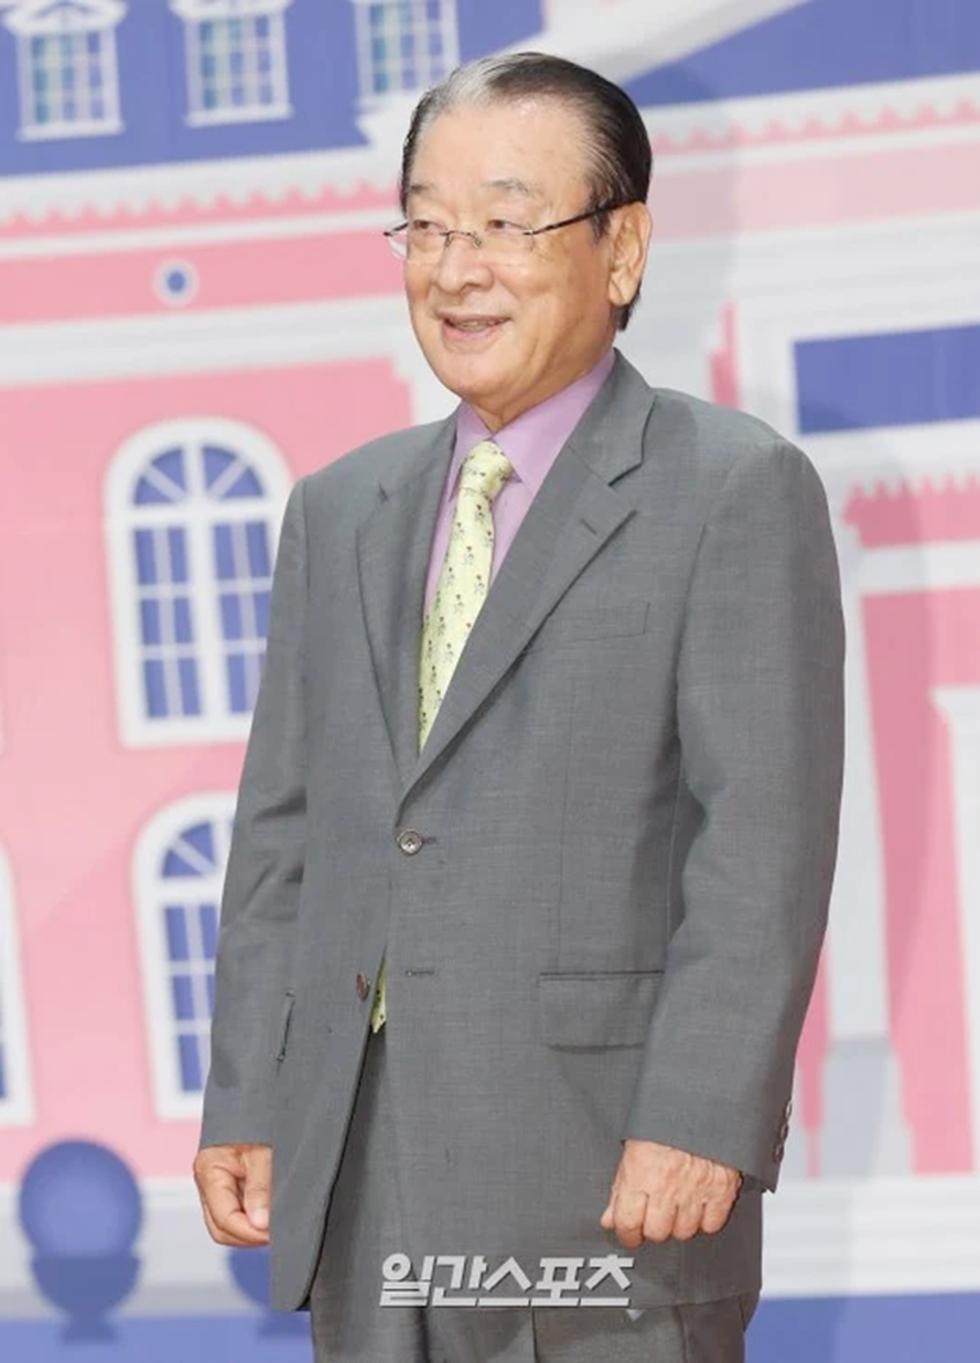 Vì nạn nhân bị lạm dụng tình dục, sao Hàn ủng hộ #MeToo - Ảnh 4.